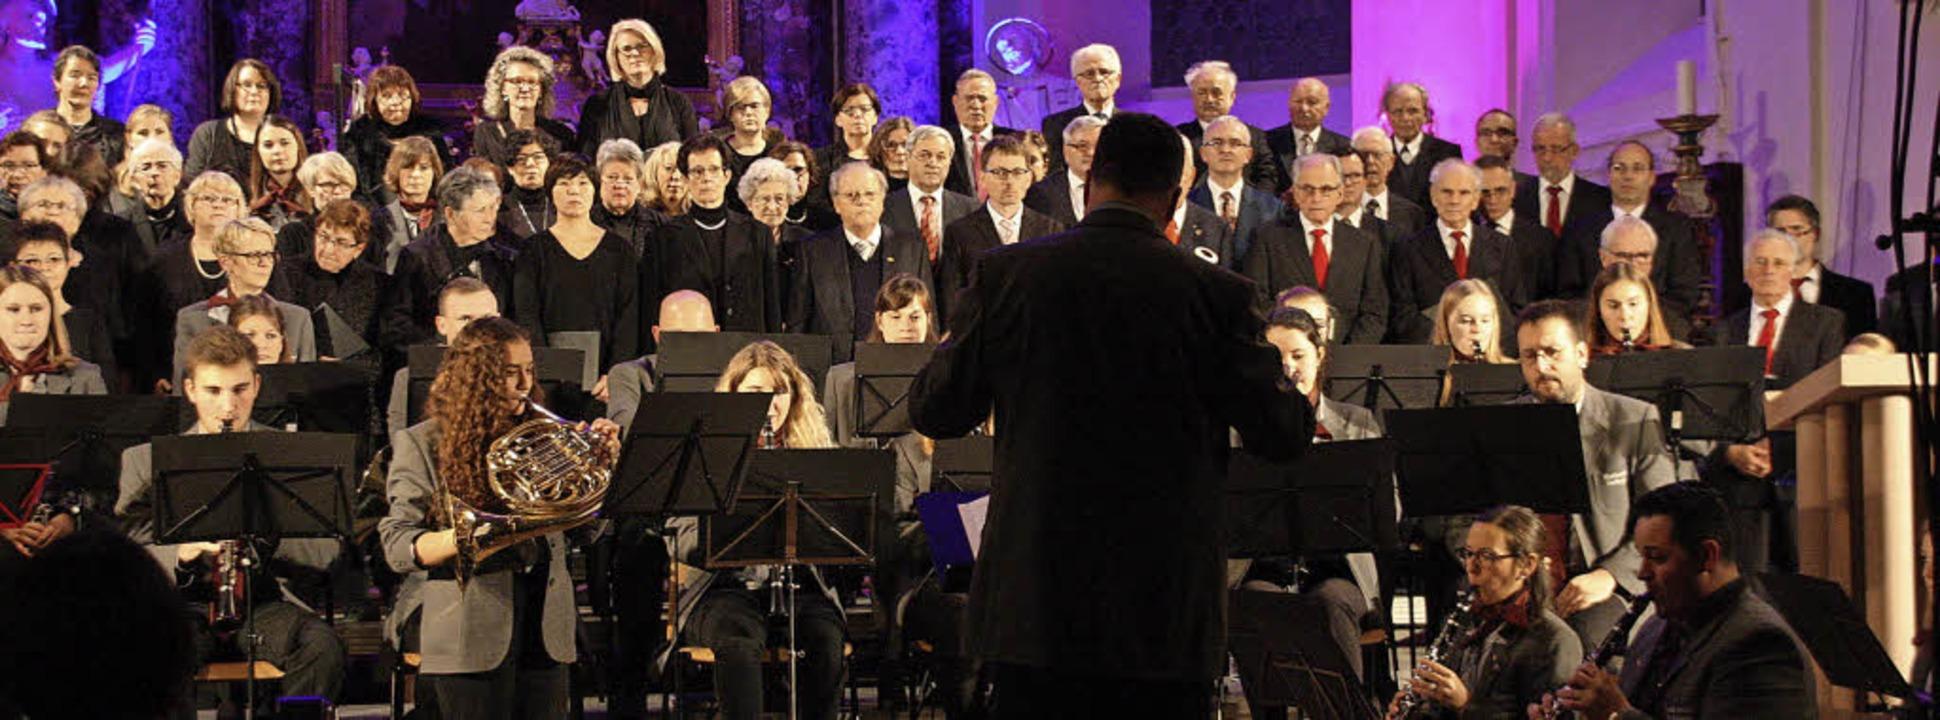 Die Chorvereinigung Amicitia und Musik...(links) übernahm den Solopart am Horn.    Foto: Christiane Franz